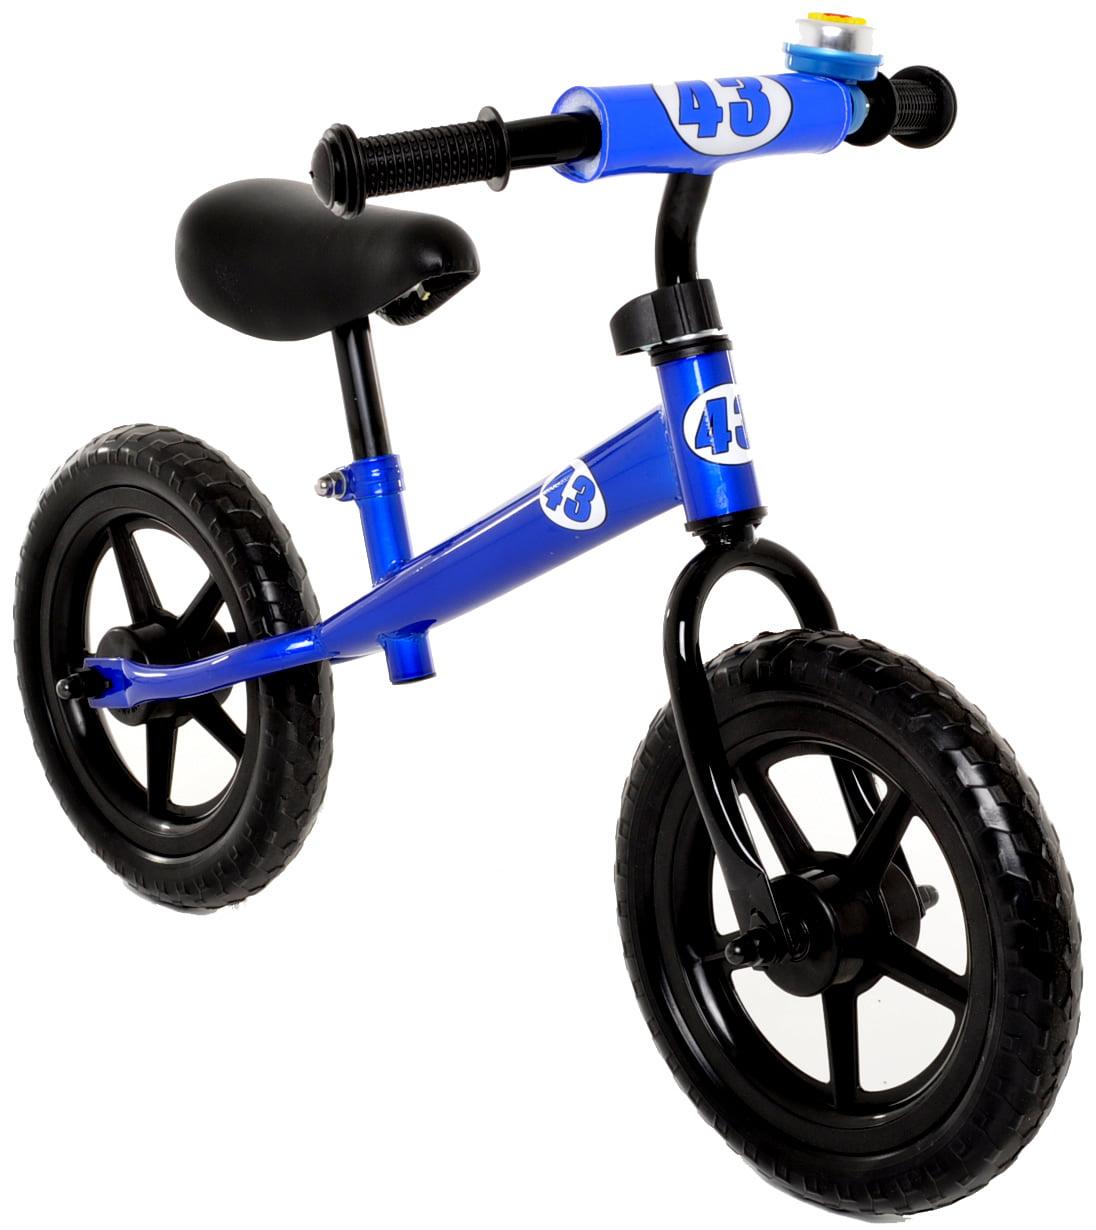 Vilano Children's No Pedal Push Balance Bike